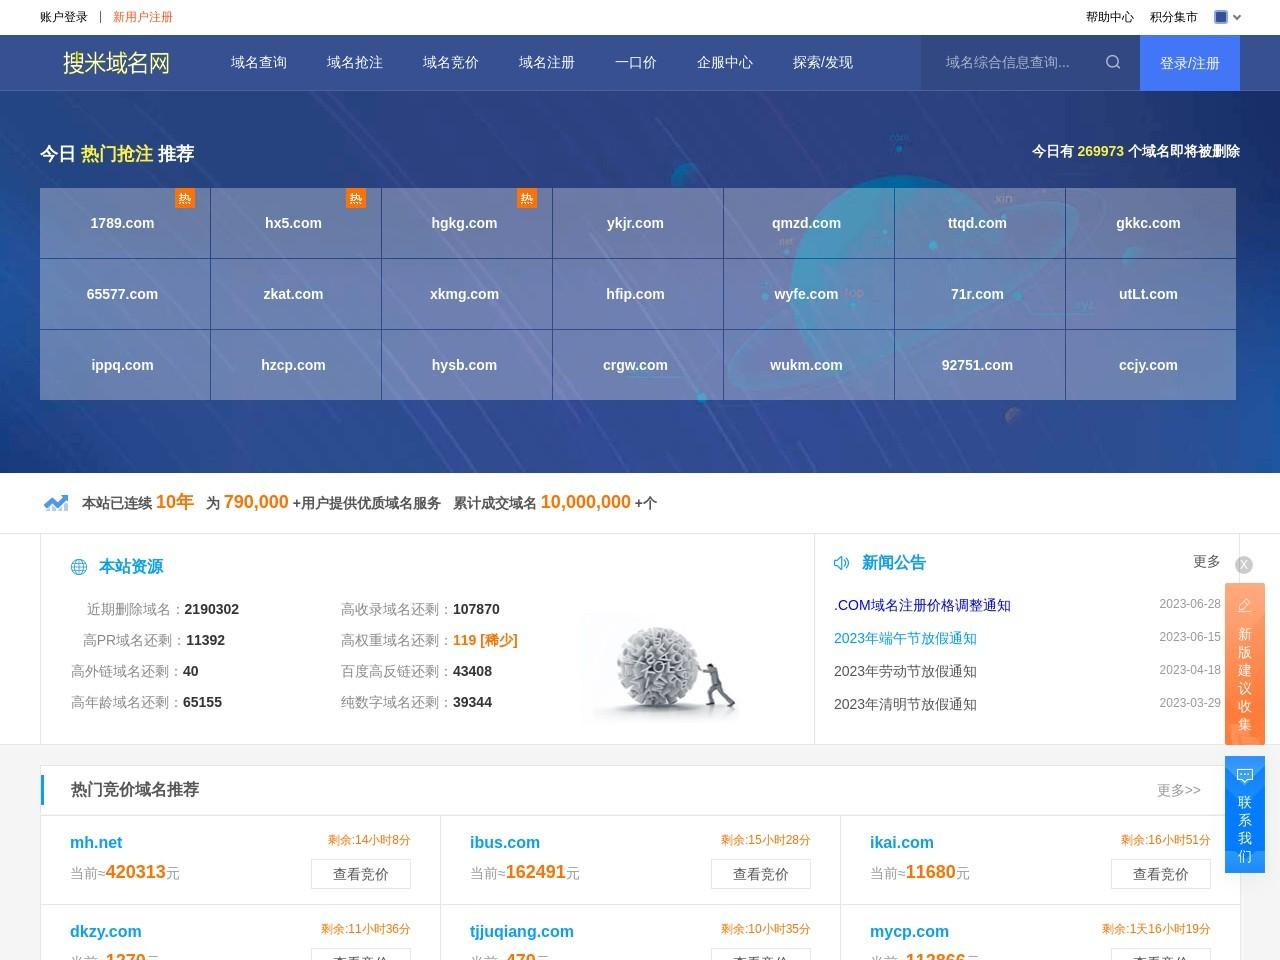 搜狗收录泛站专卖:搜米网